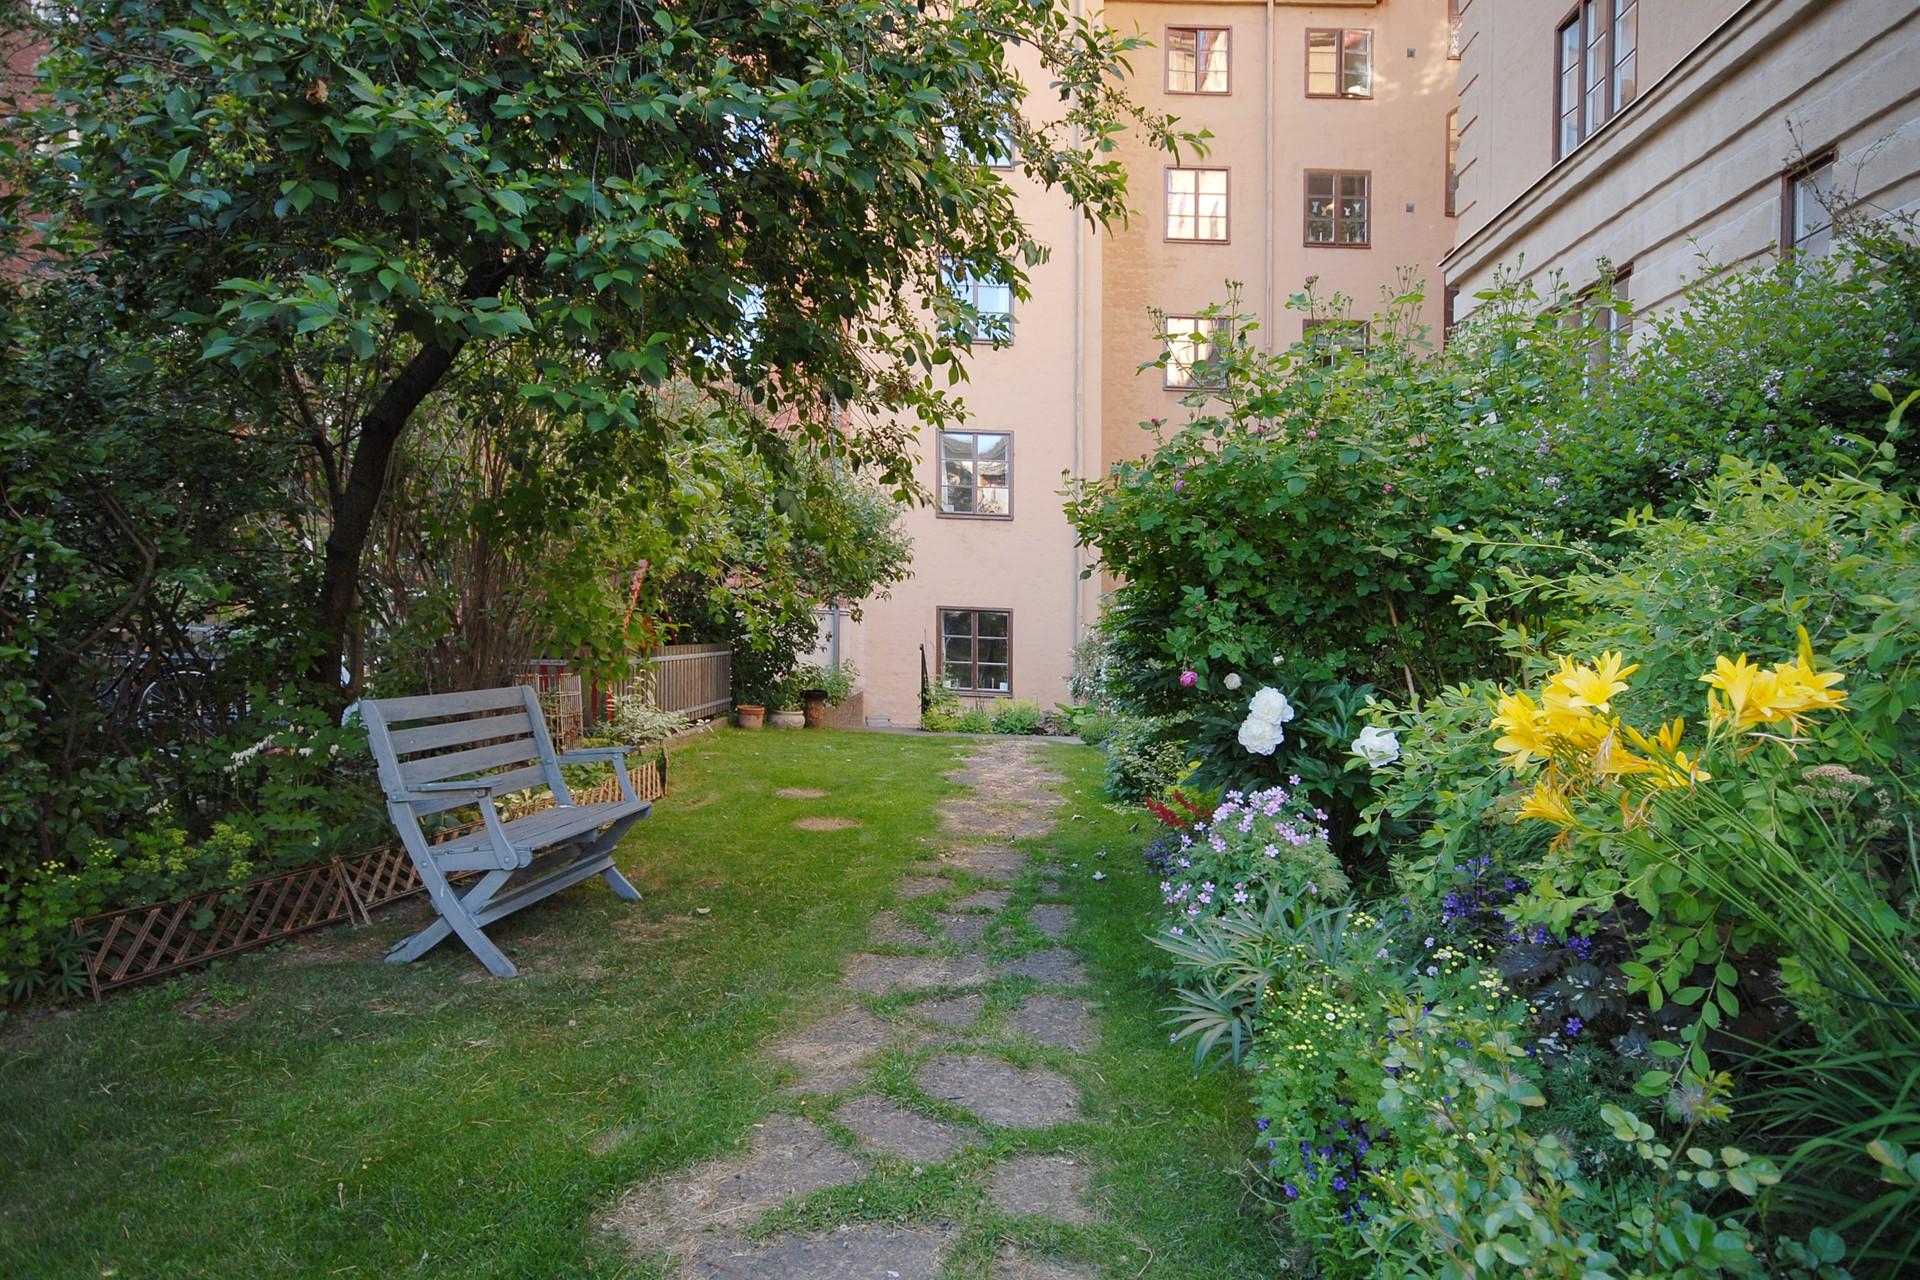 Heleneborgsgatan 12B - Trädgårdsgruppen håller innergården vacker med blommande färgglada blommor om sommaren.